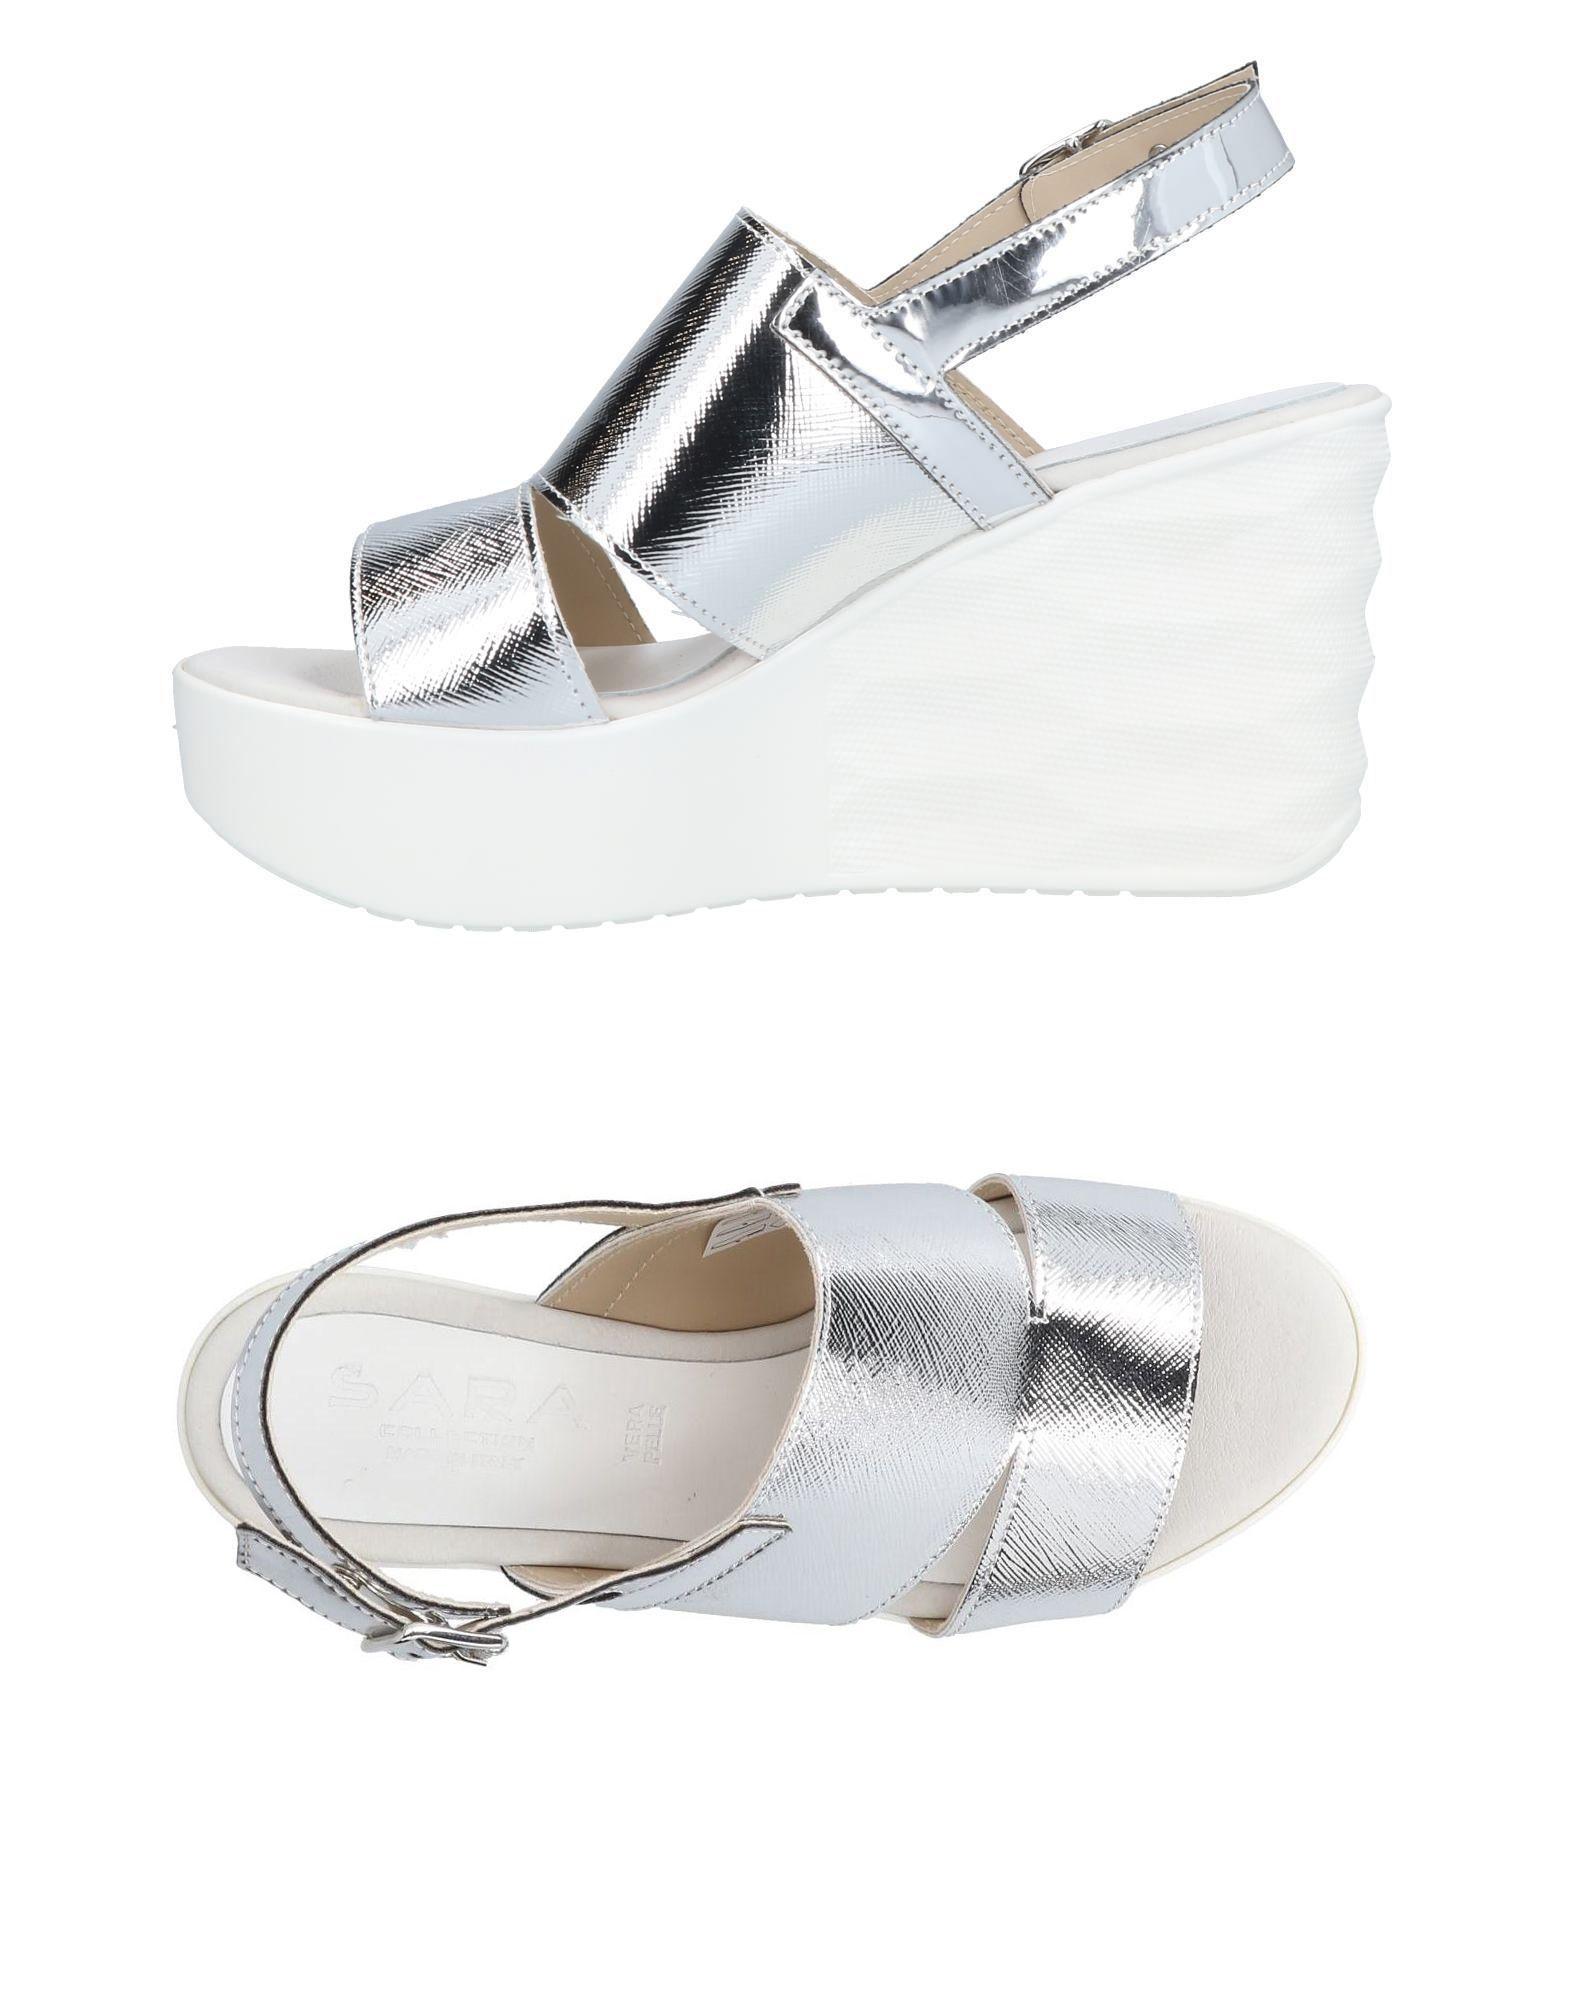 Damen Sara Sandalen Damen   11460802DJ Heiße Schuhe 122925